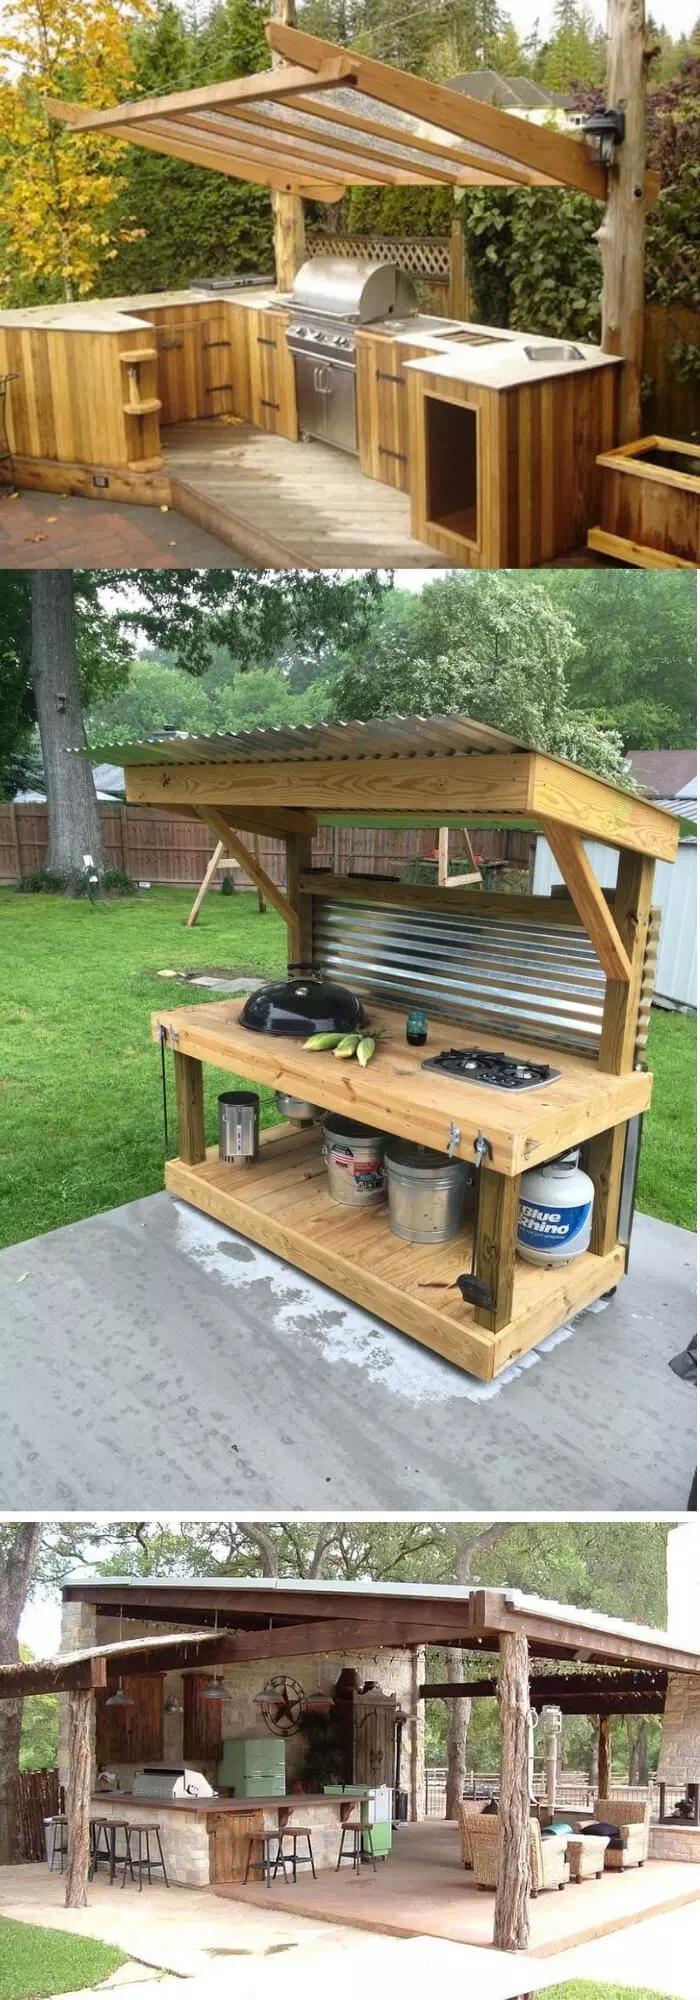 31+ Stunning Outdoor Kitchen Ideas & Designs (With